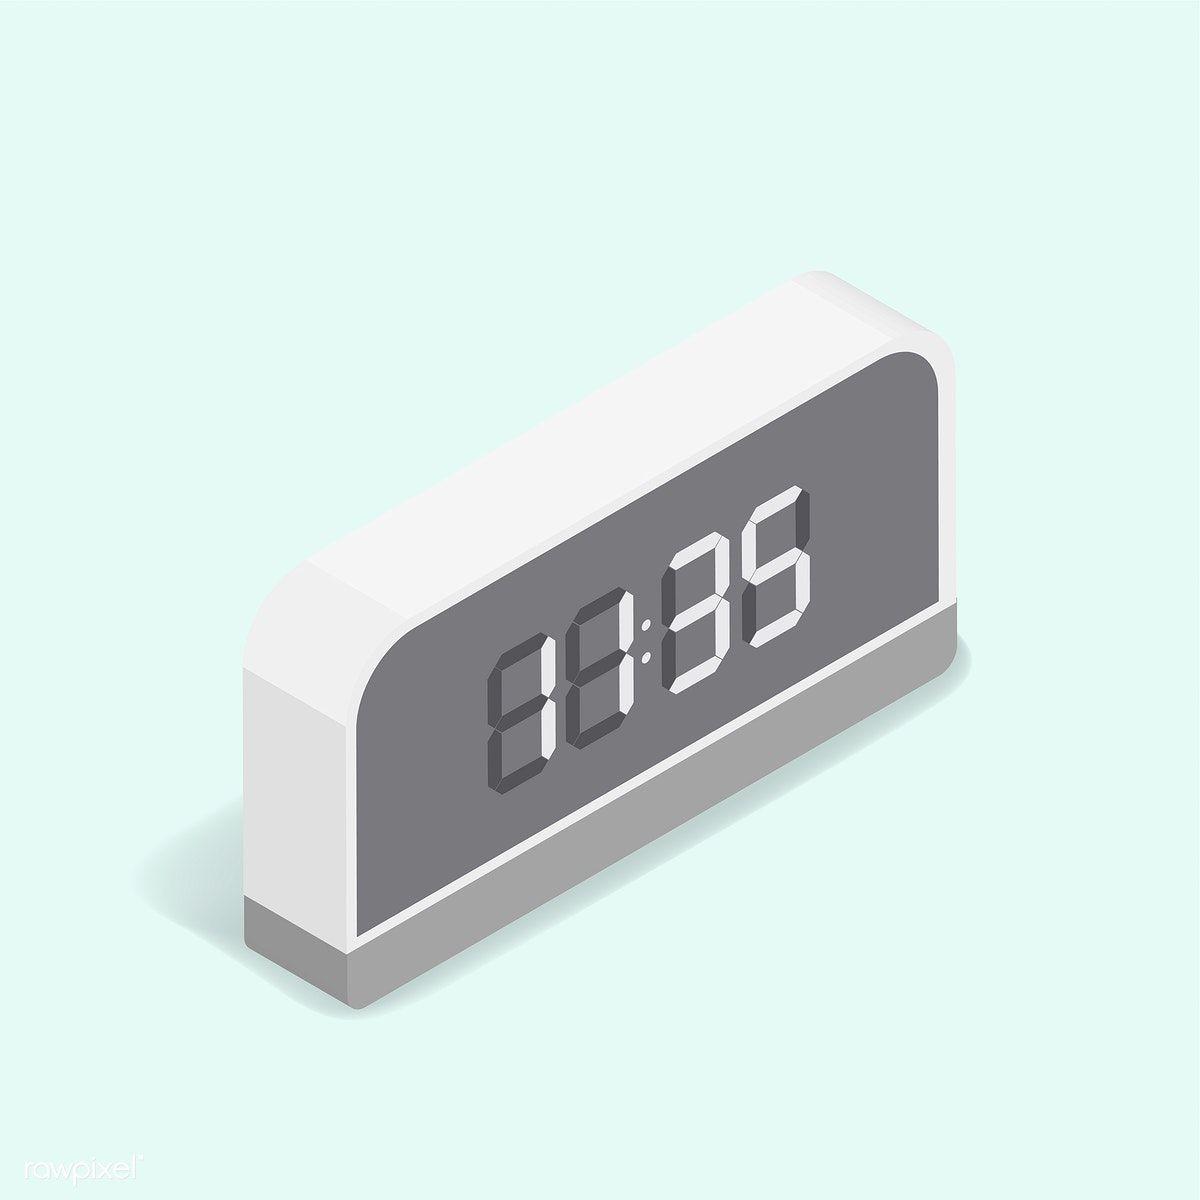 Vector Image Of Digital Alarm Clock Icon Free Image By Rawpixel Com Clock Icon Clock Digital Alarm Clock